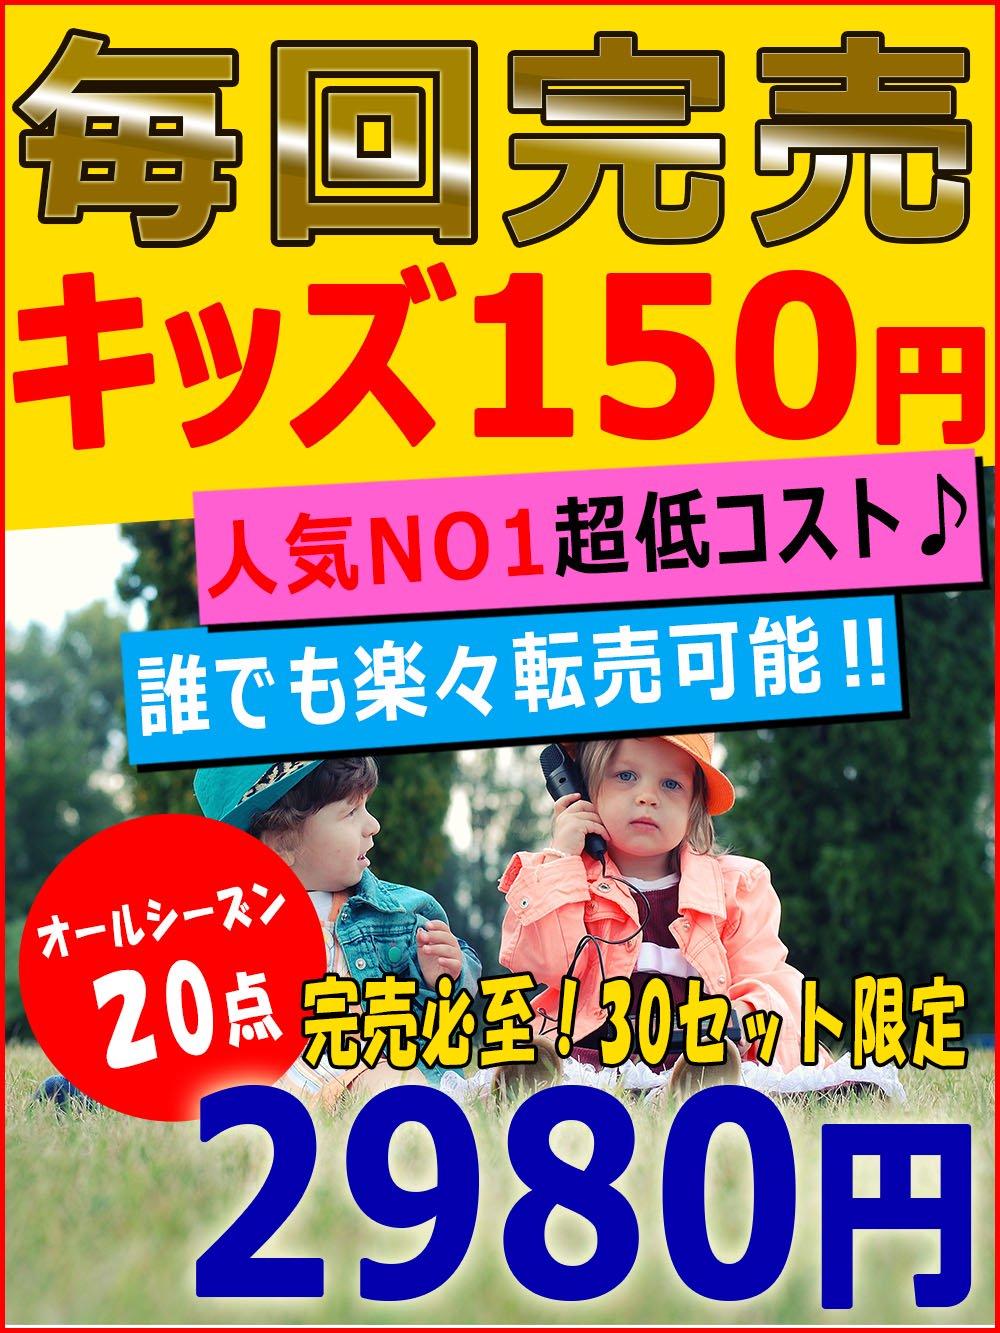 【 80000円以上確定 】某ブランド入り☆ベビー・キッズMIX アソートセット【40点】@150